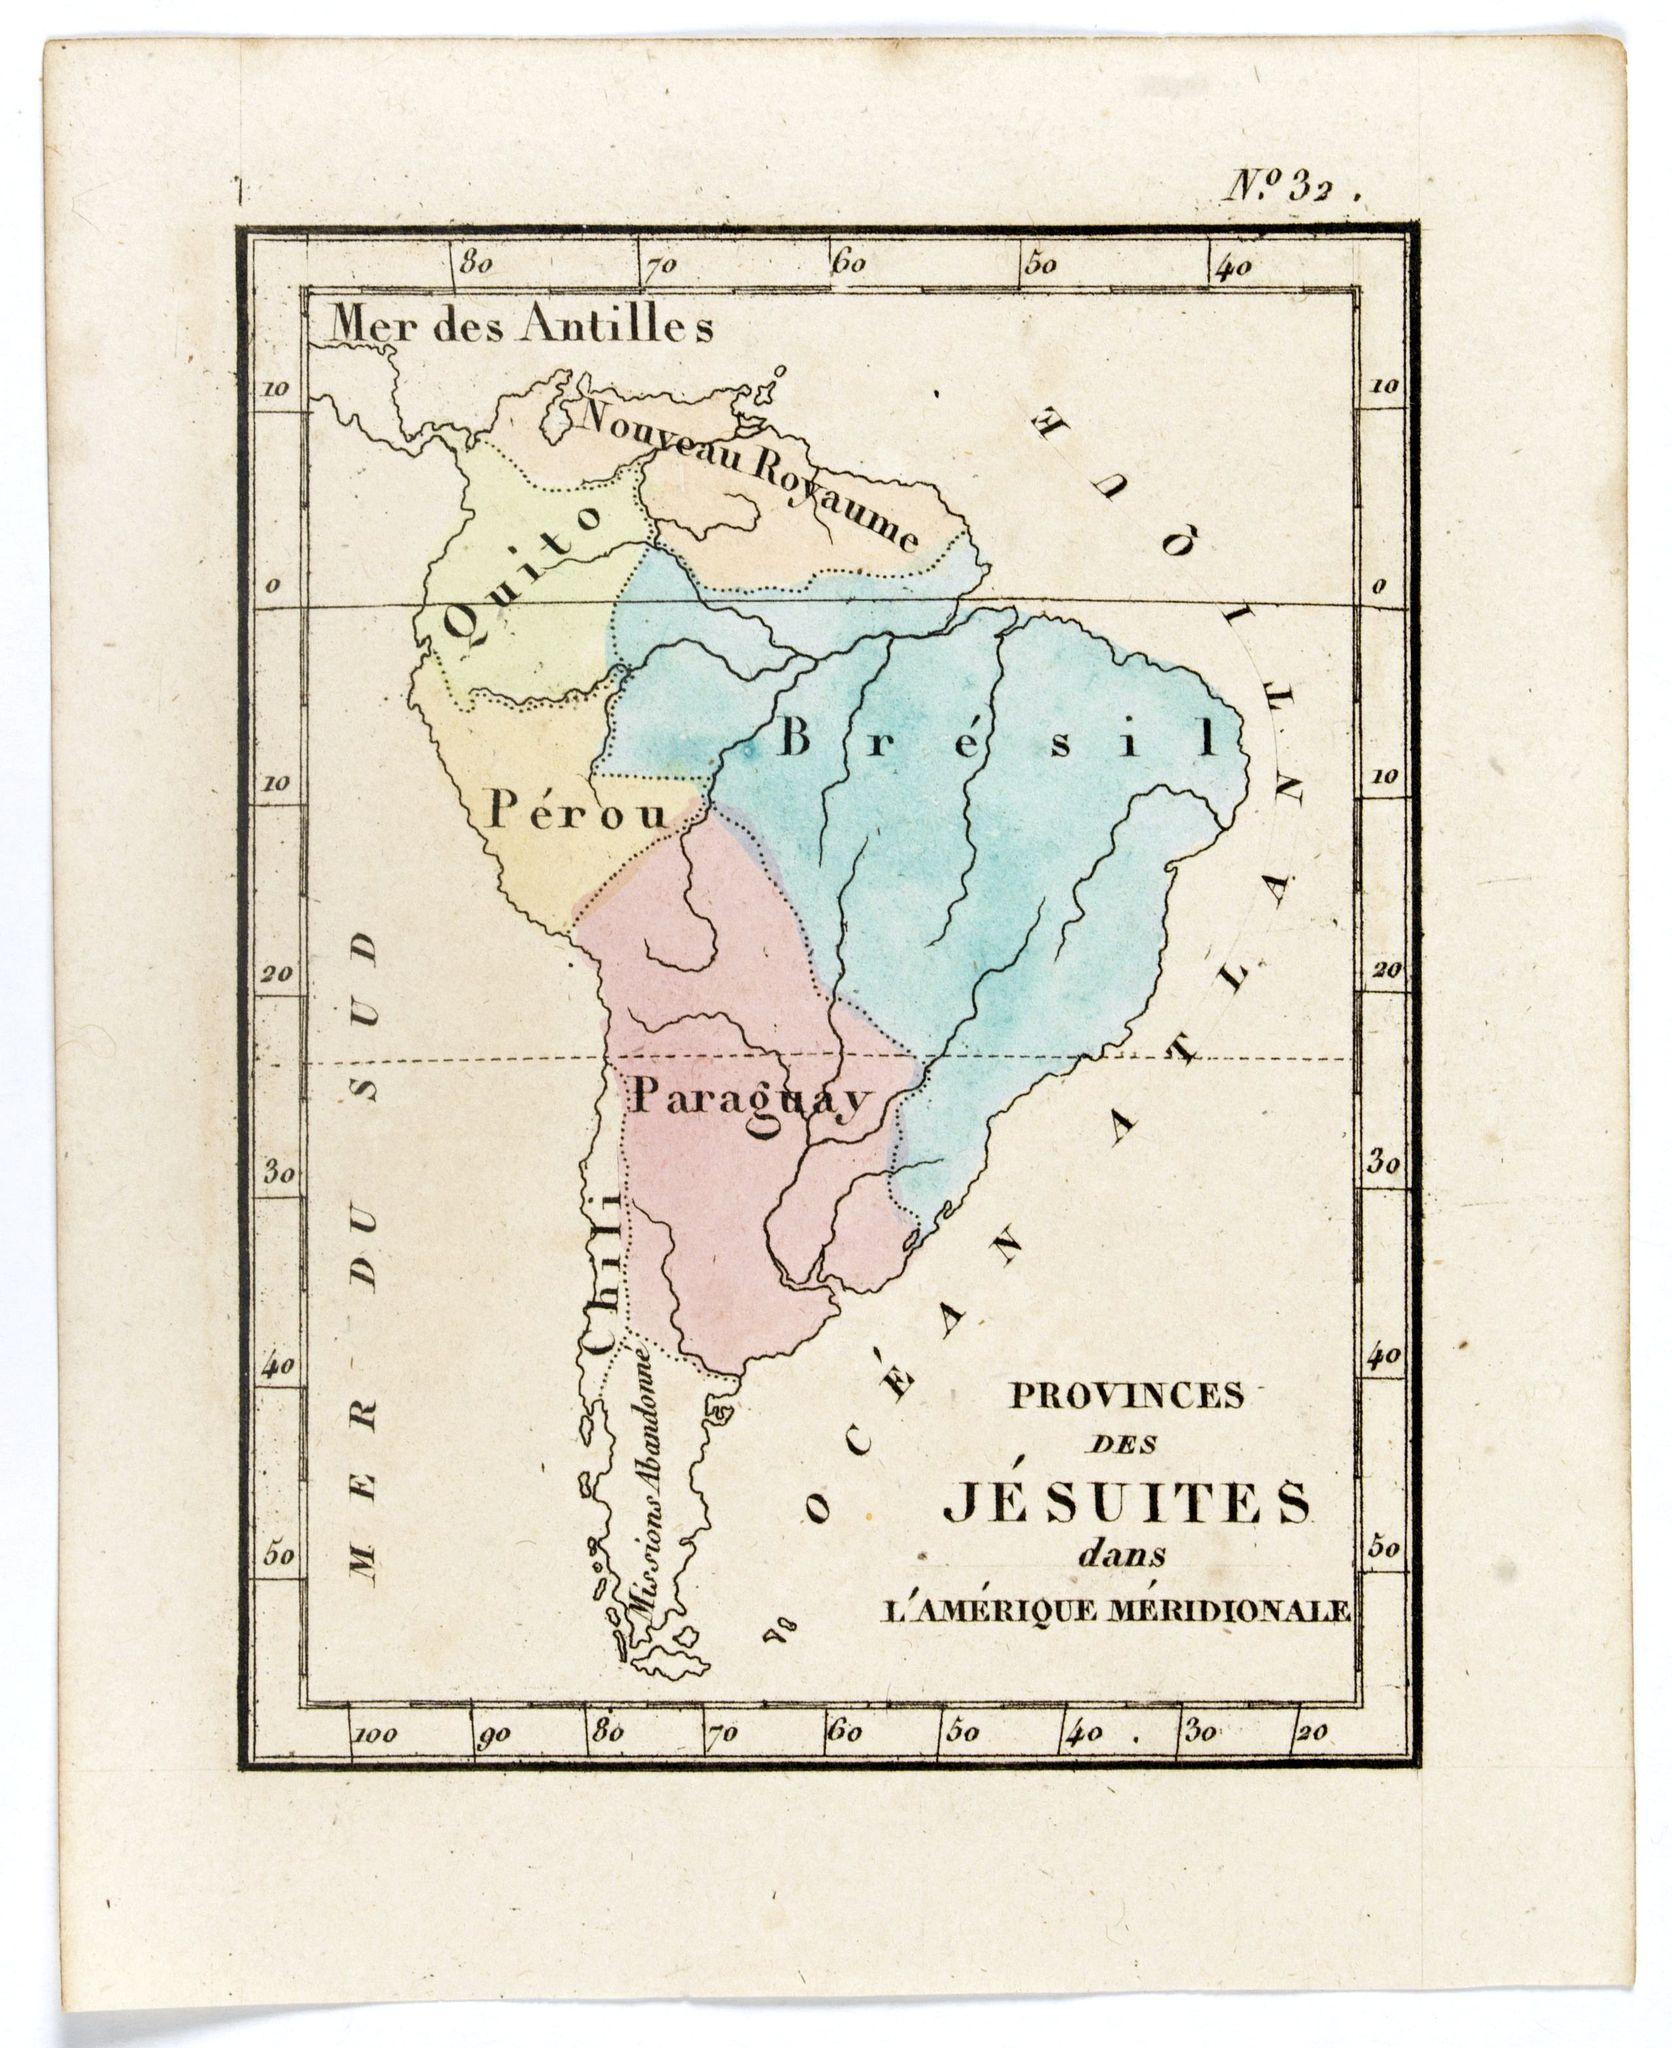 DENIS, L. -  Prvinces des Jésuites dans l'Amerique méridionale.